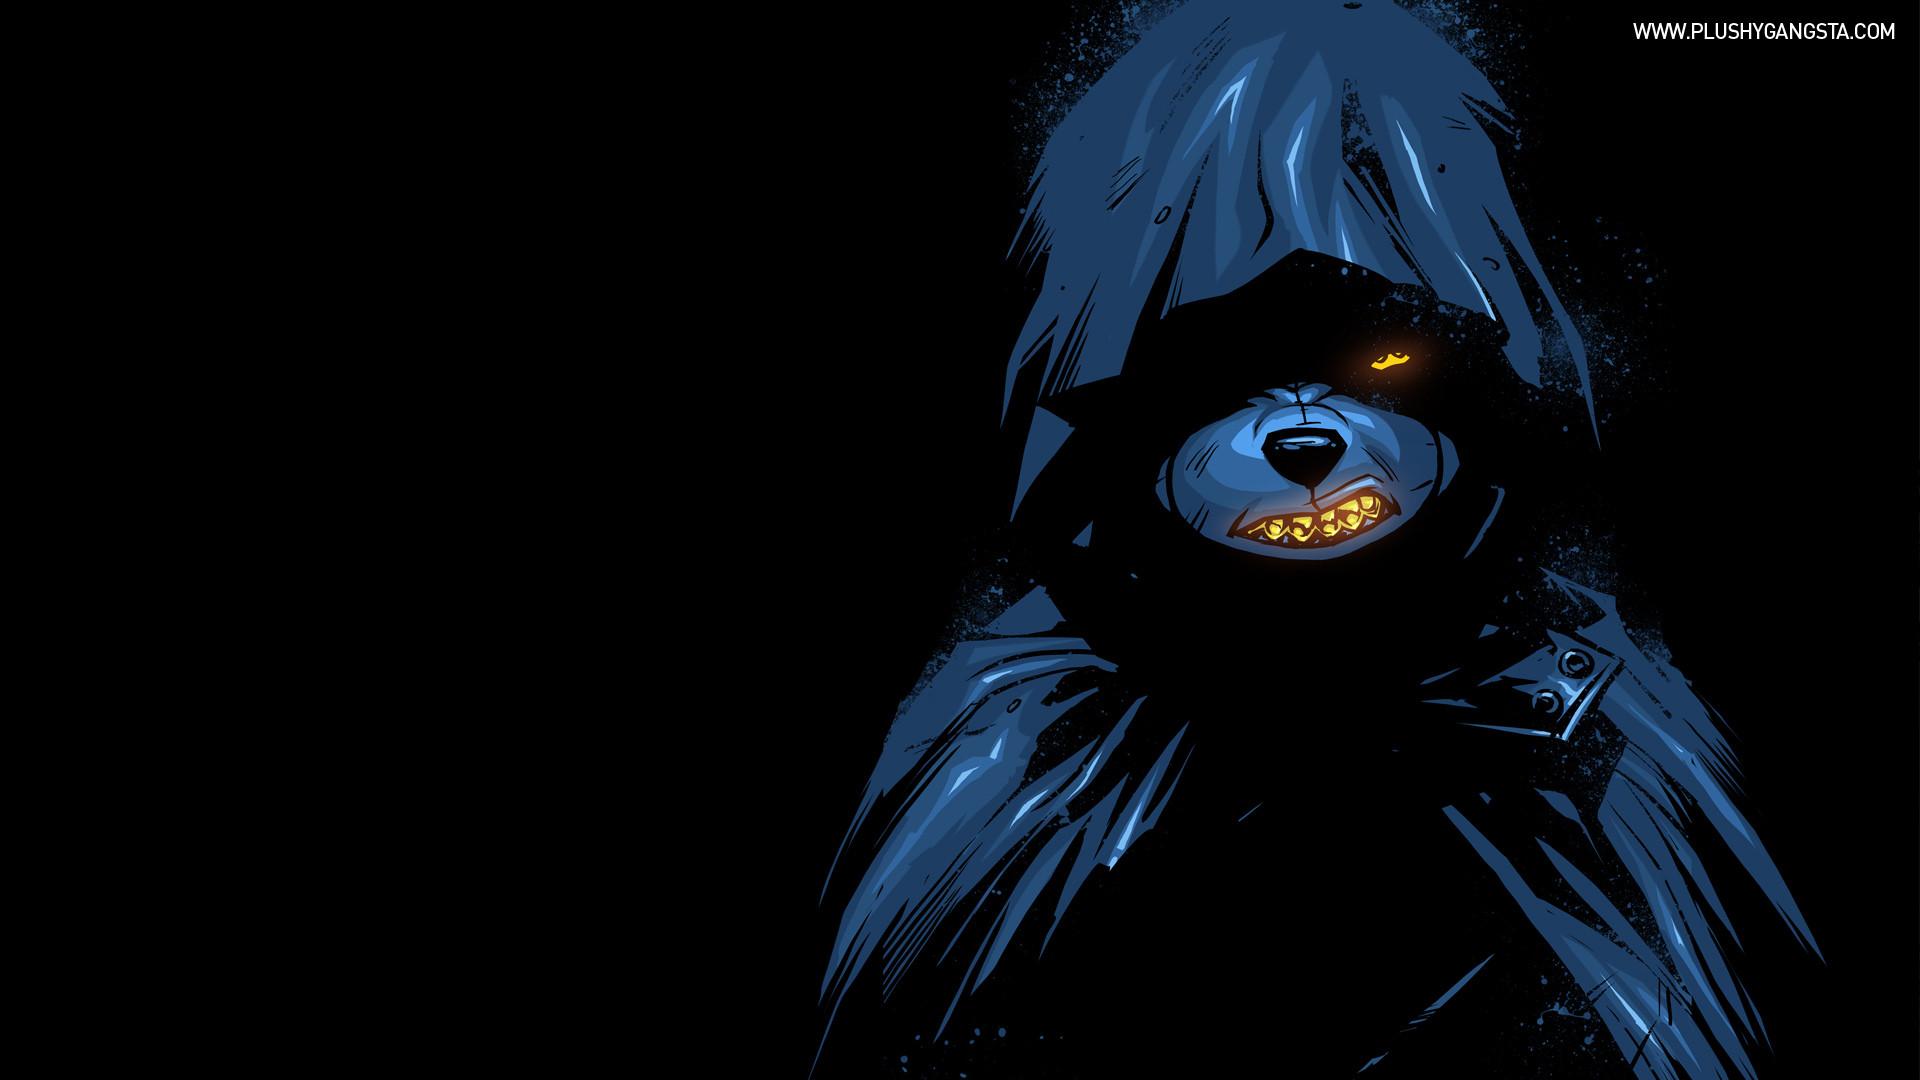 Free Wallpapers Of Cute Teddy Bears Teddy Bear Gangster Black Hoodie Hd Wallpaper Anime